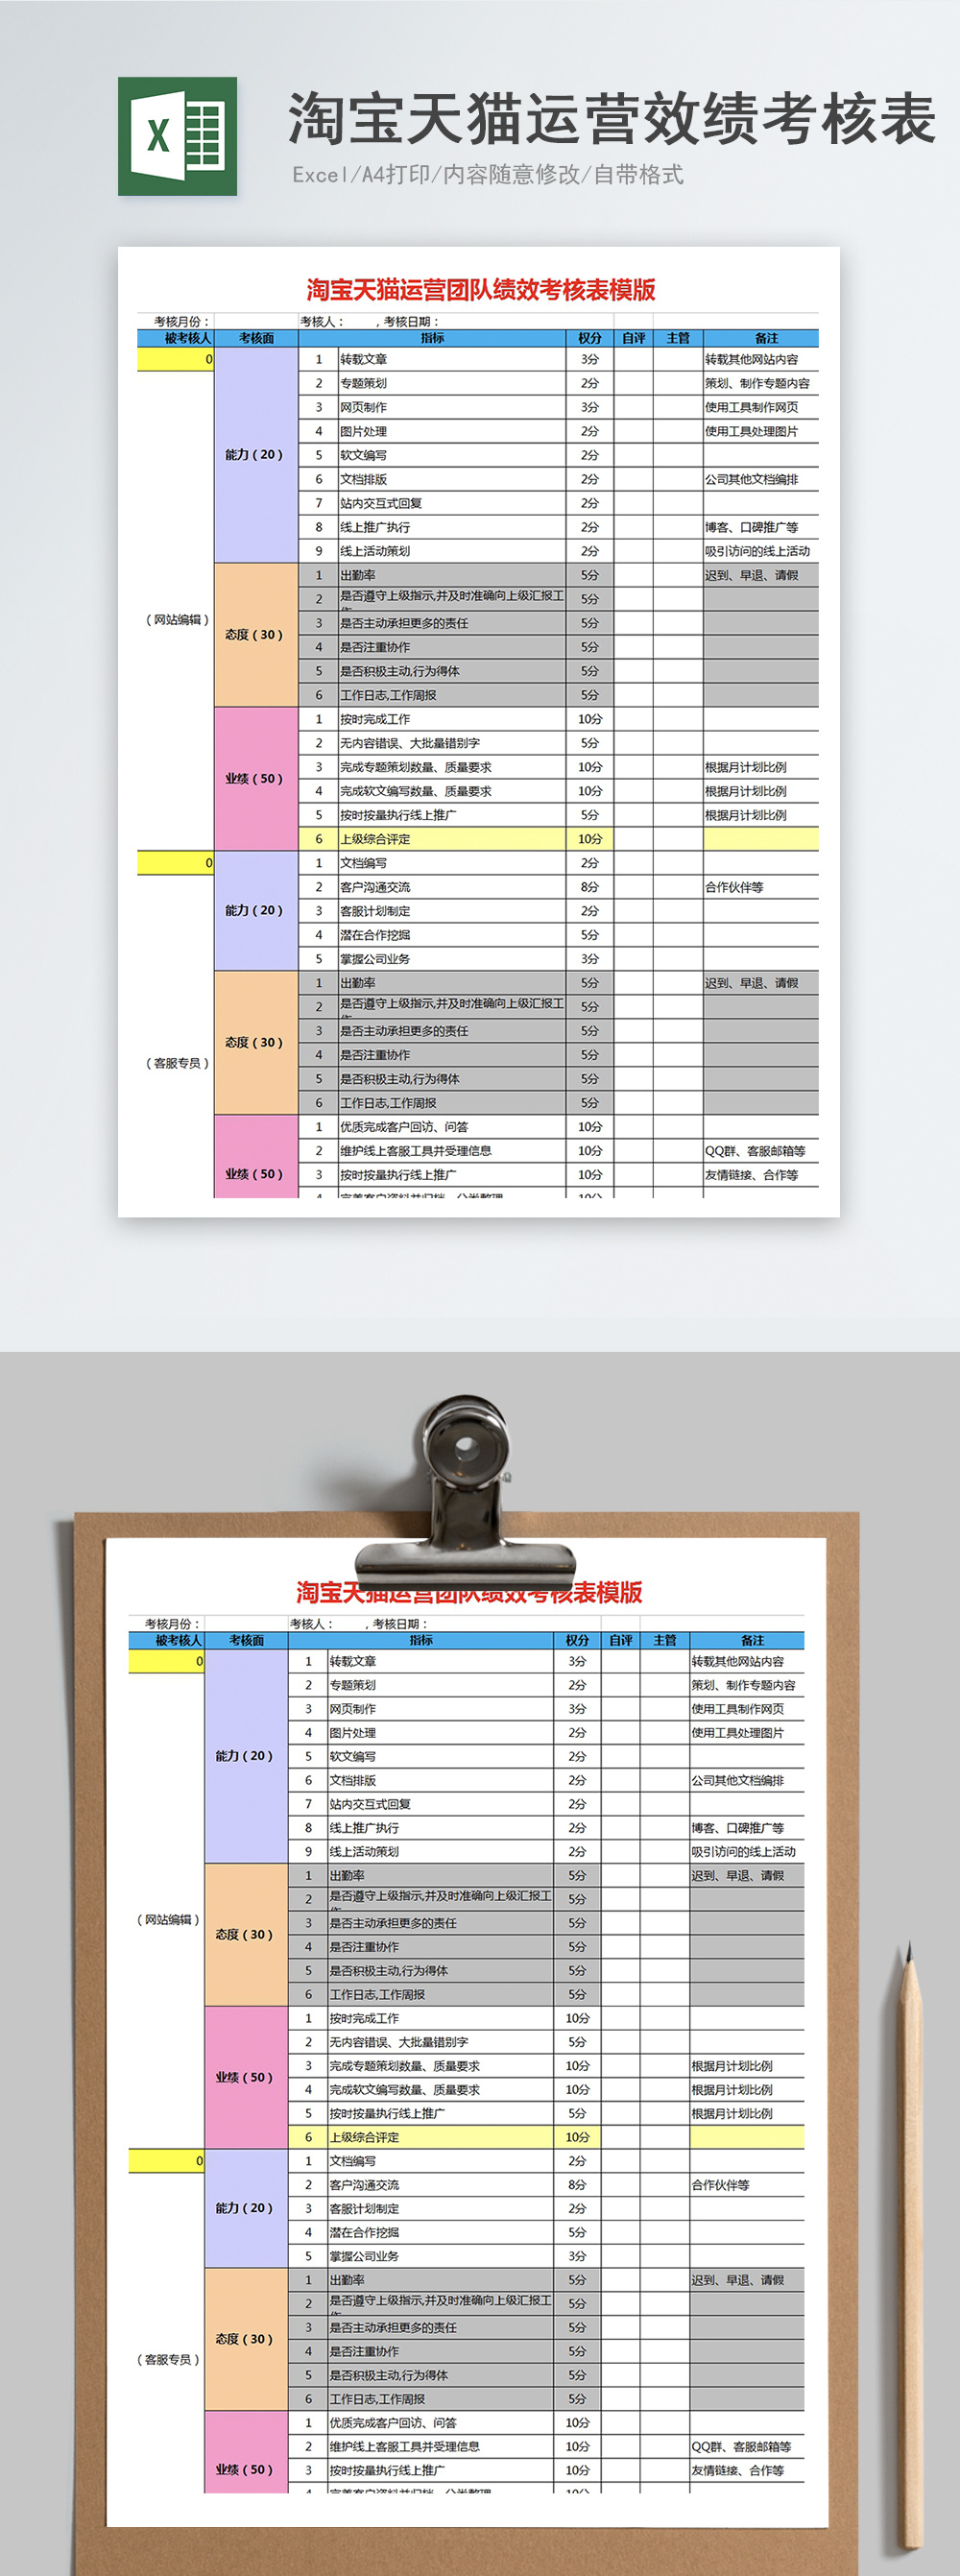 淘宝天猫运营效绩考核表Excel模板图片